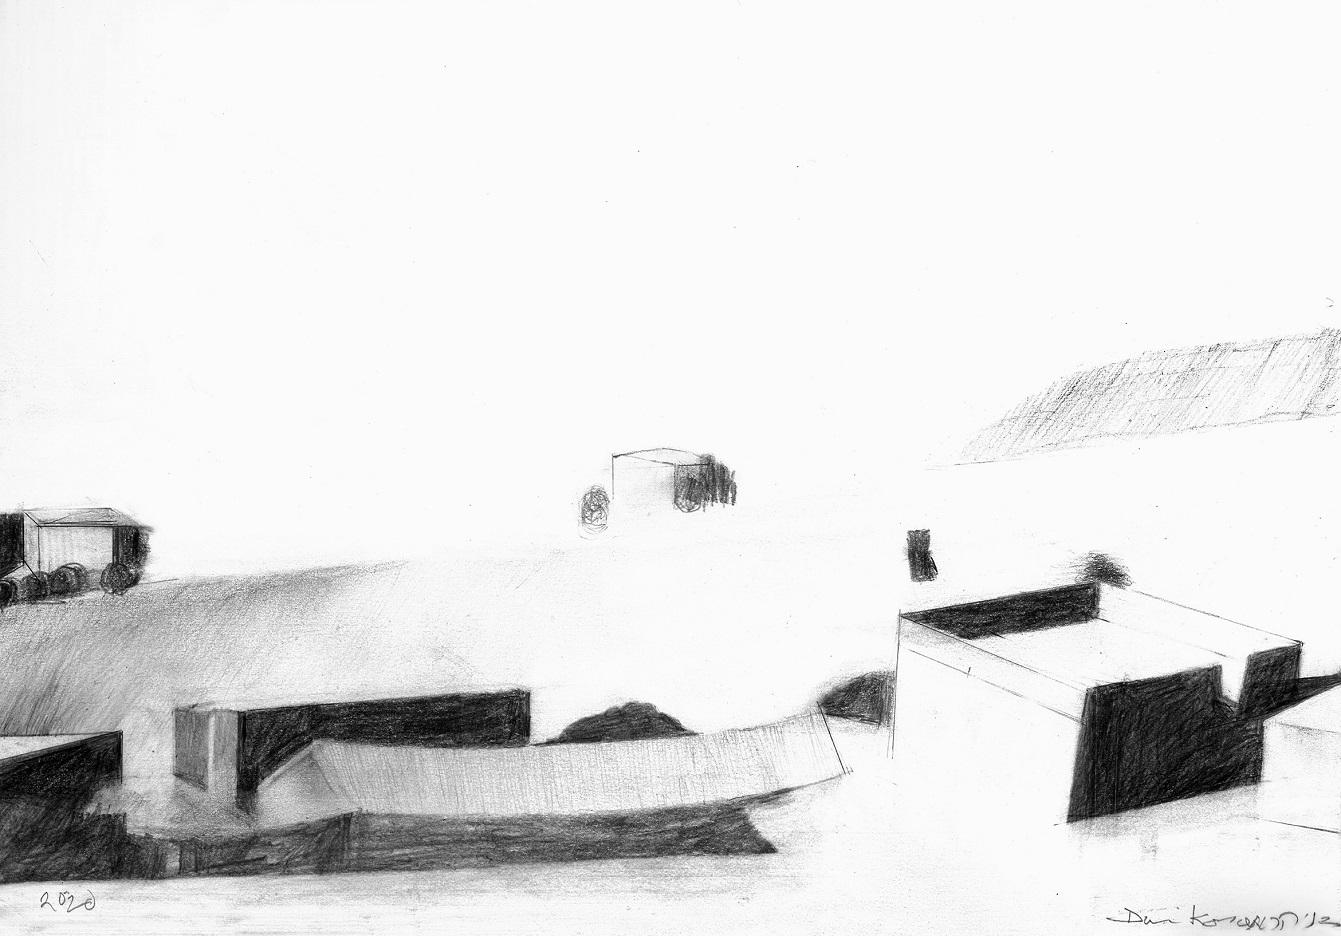 nella foto in bianco e nero si vedono una serie di edifici ondulati